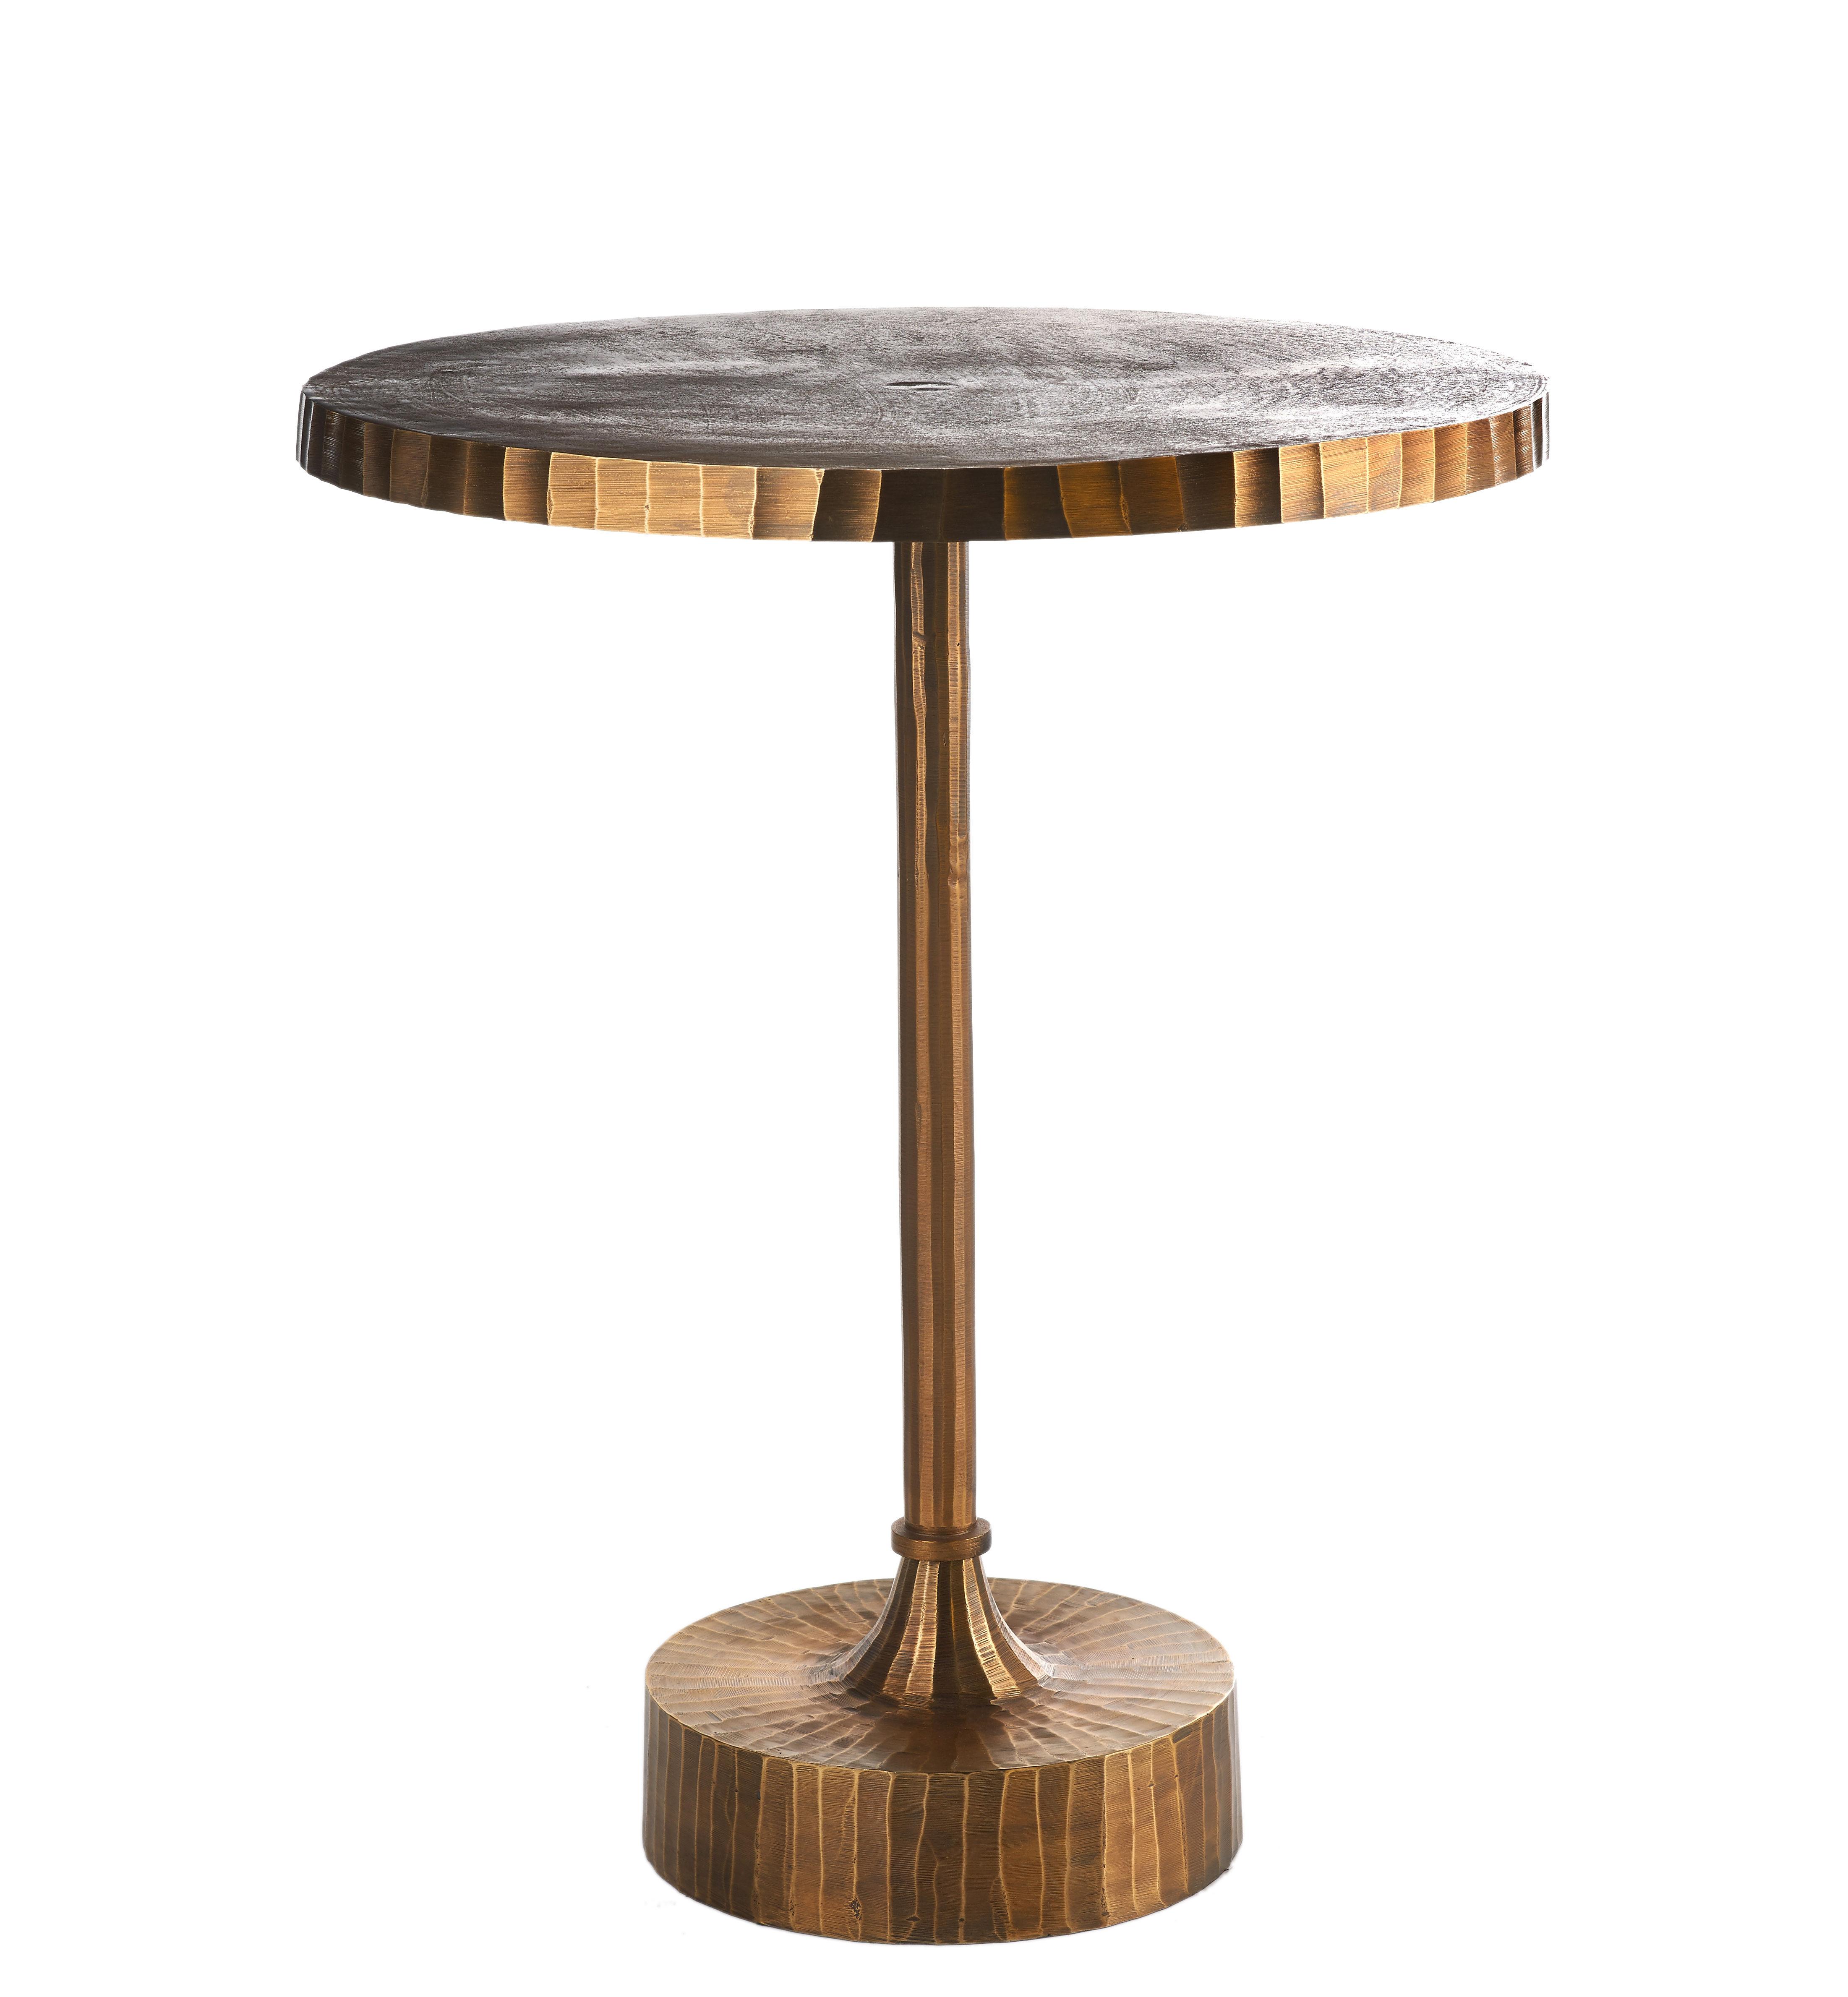 Möbel - Tische - Mace Runder Tisch / Ø 61 x H 76 cm - Pols Potten - Messing patiniert - Aluminium plaqué laiton vieilli